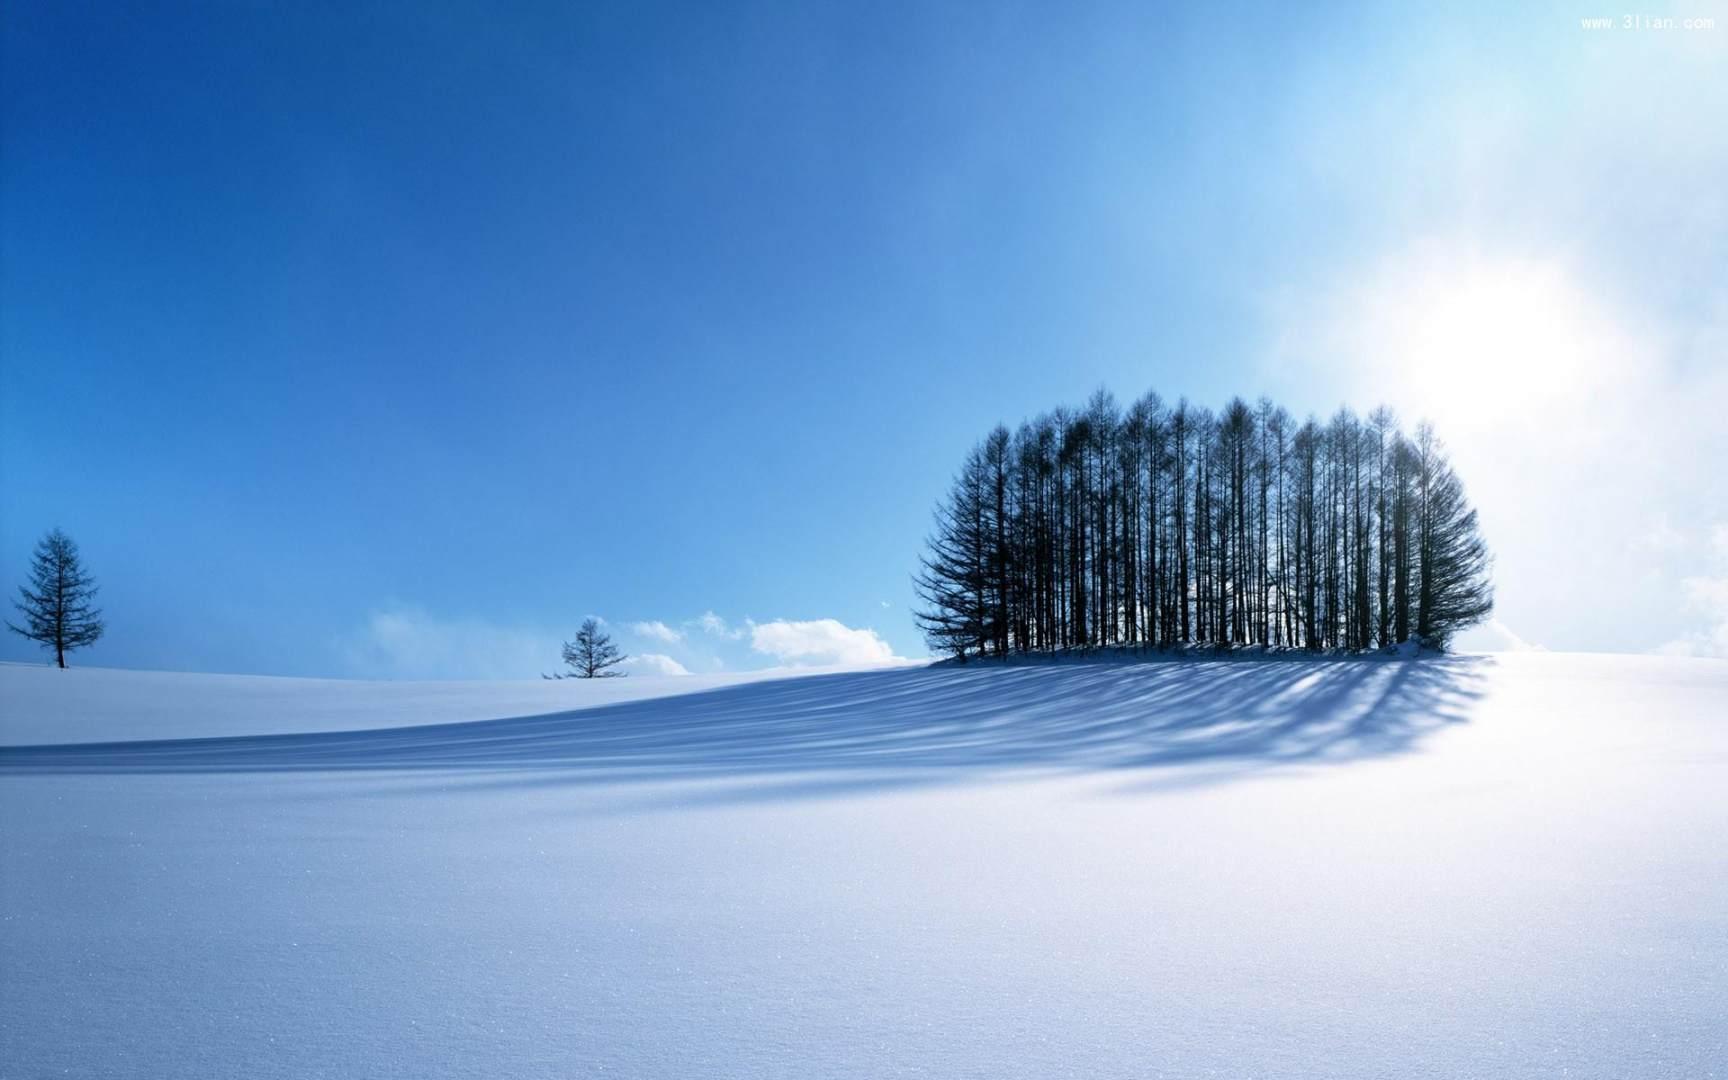 【两人立减200元/单】日本北海道滑雪温泉5晚6日(东航直飞,冬季滑雪,美食尽享,体验日式温泉酒店,1天自由活动,行李23KG*2件)